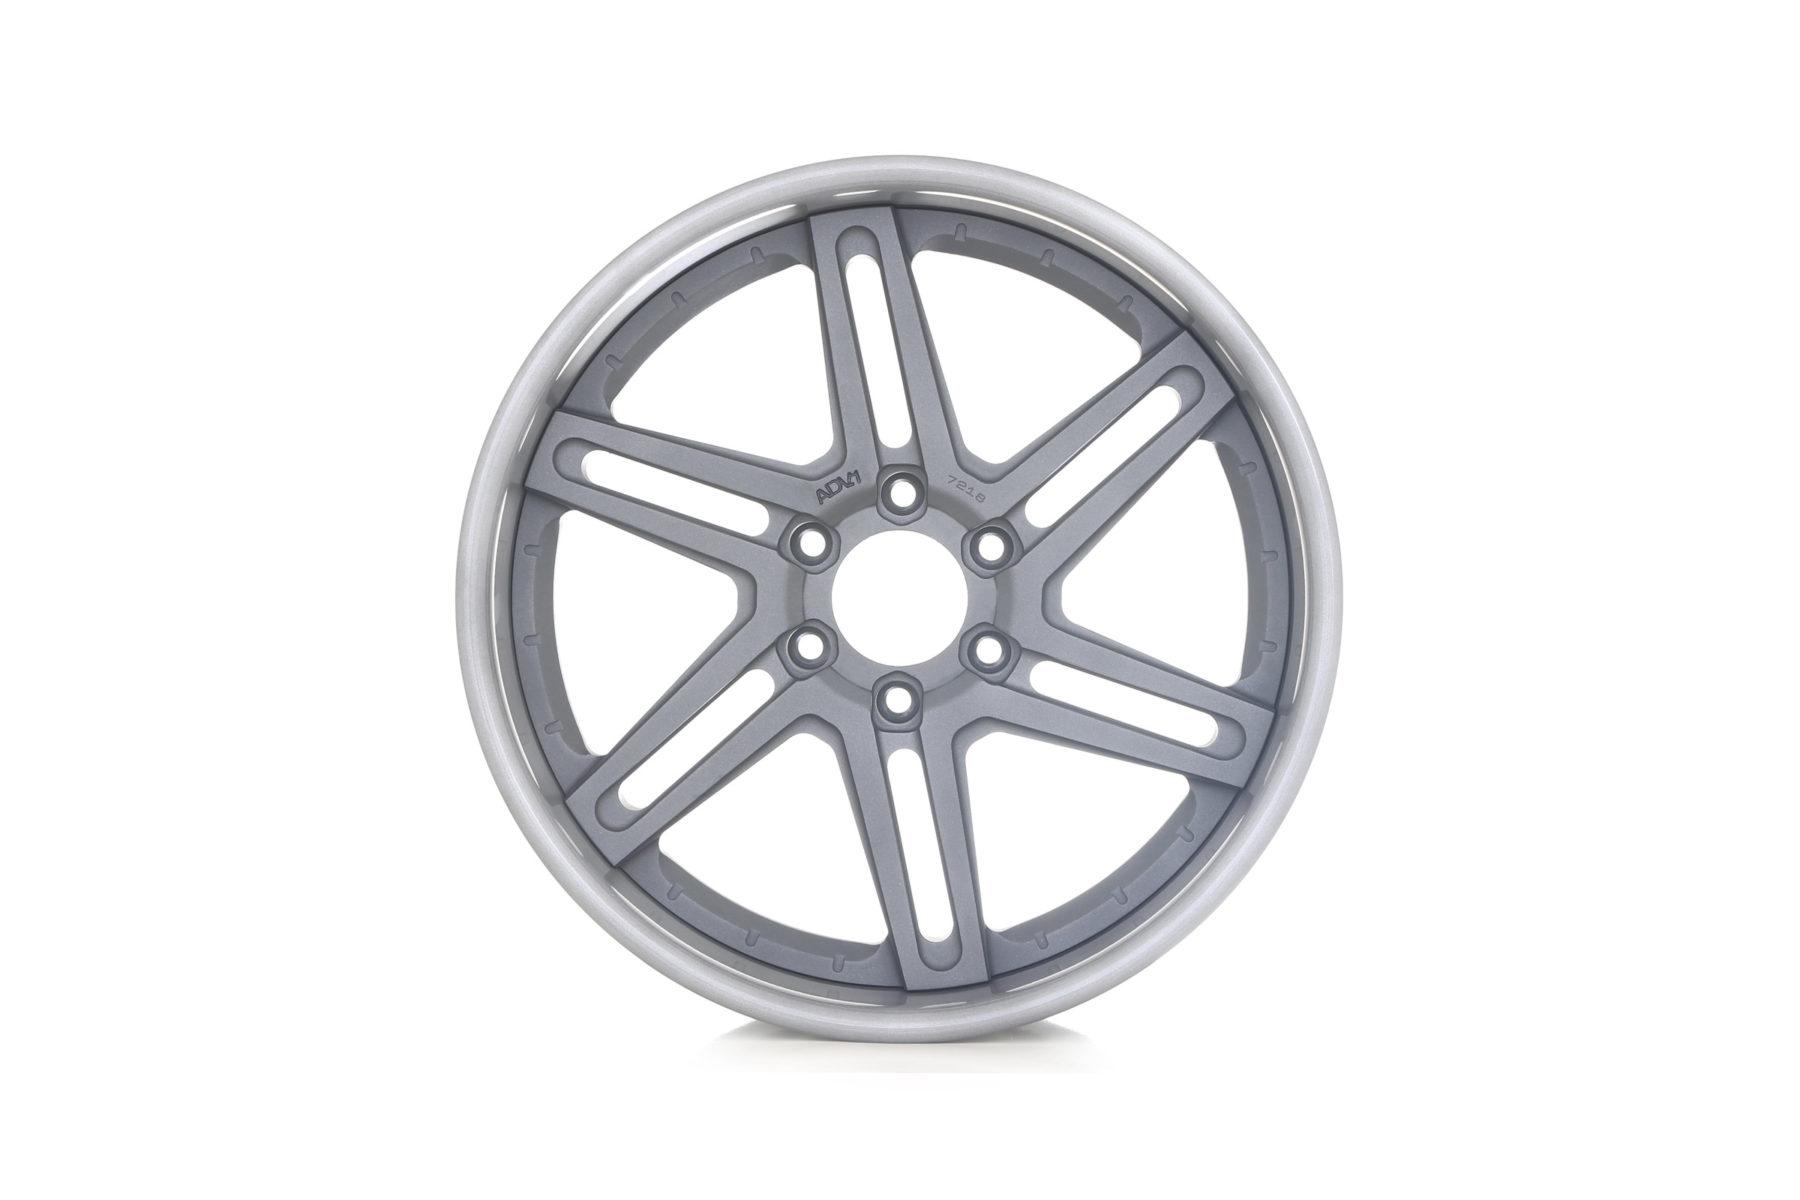 Adv 1 Launches 7 New Wheel Designs At Sema